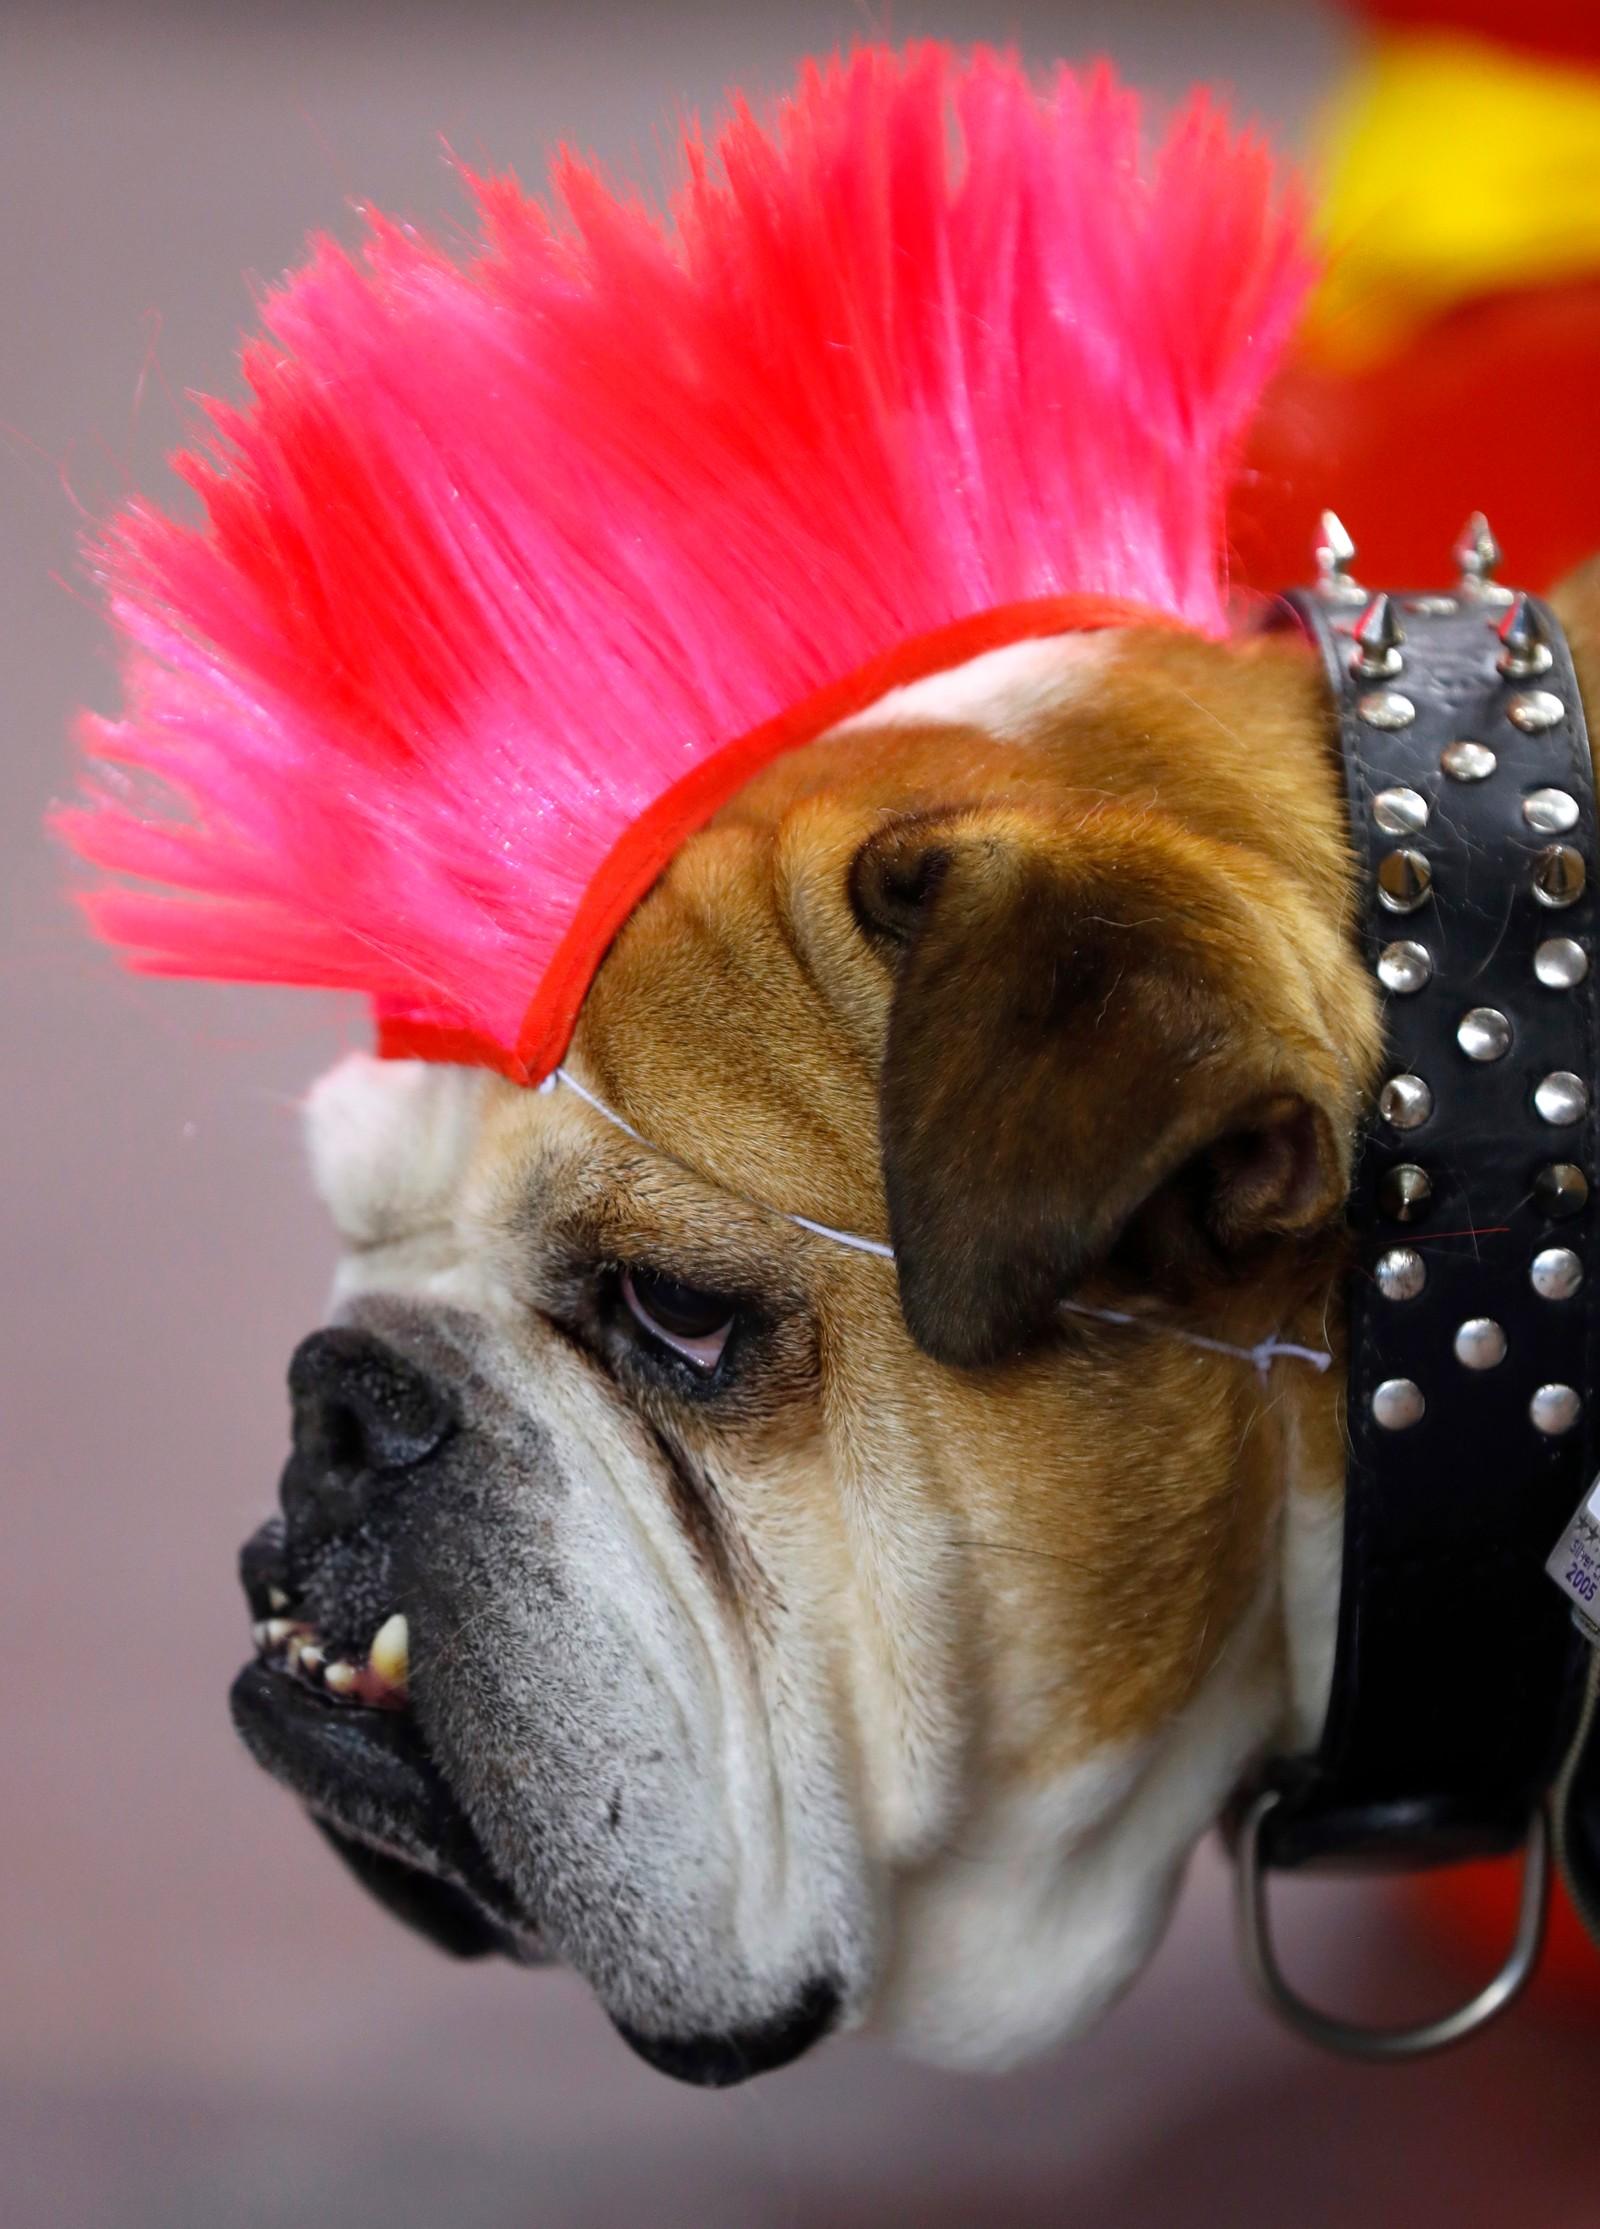 Hunden Max venter på dommernes vurdering under en skjønnhetskonkurranse for bulldogger i Des Moines i Iowa, USA.